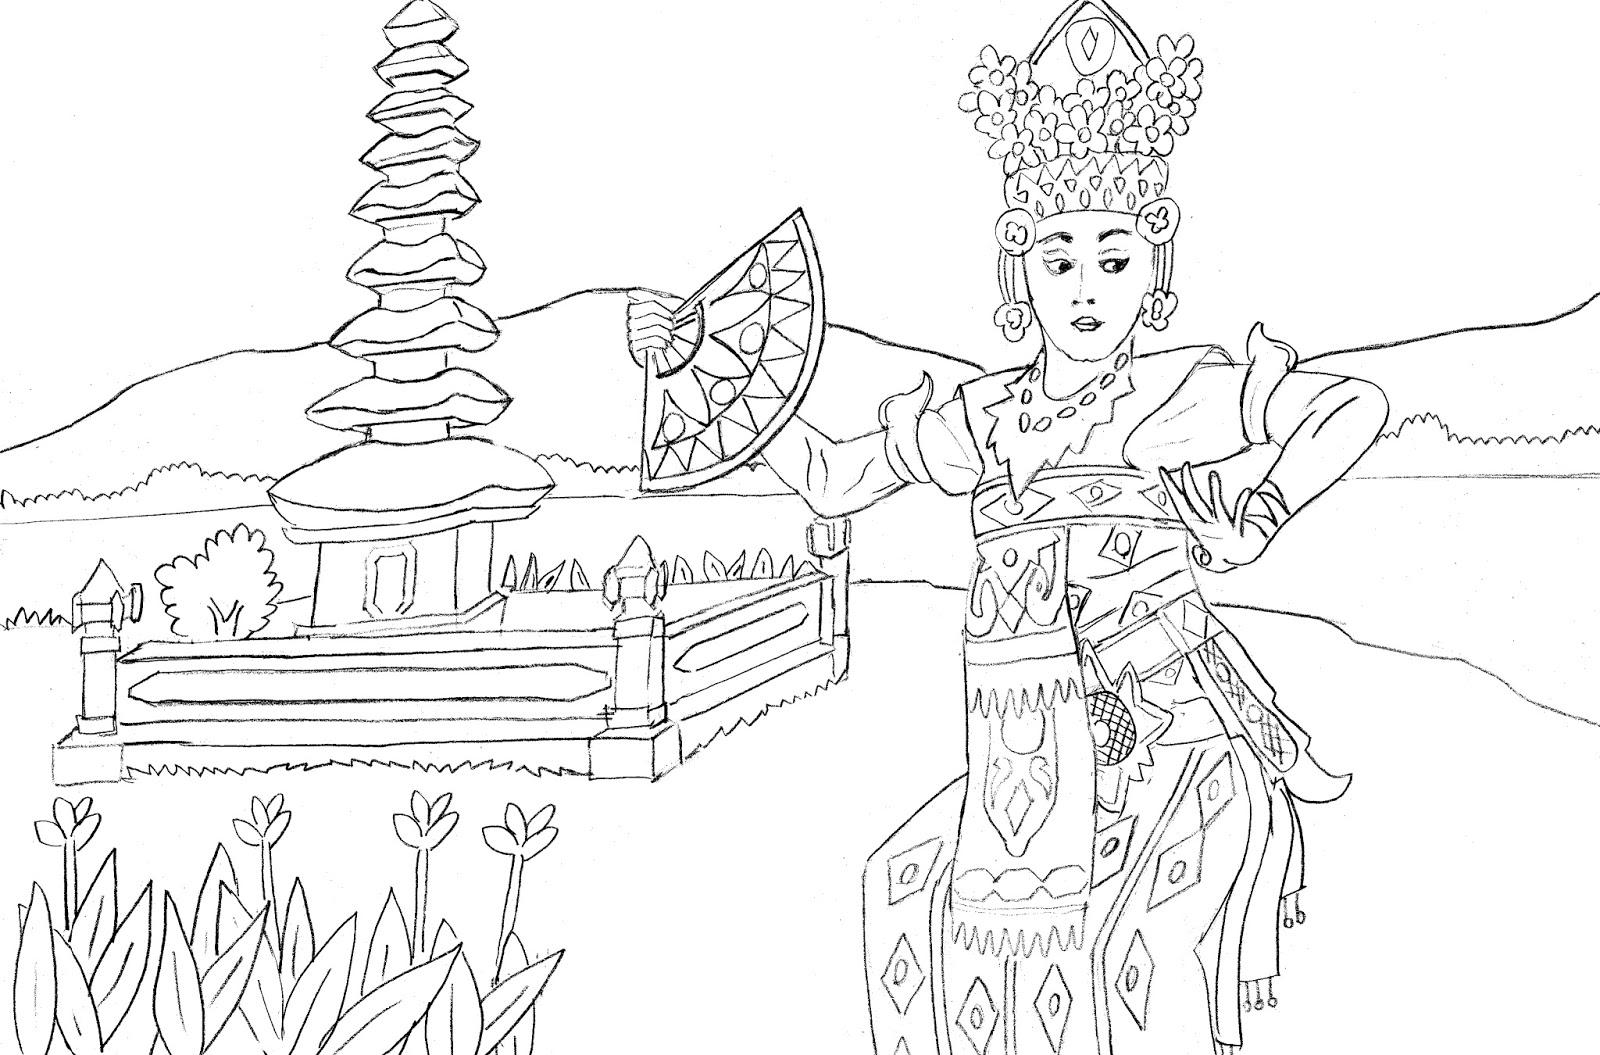 Gambar Mewarnai Penari Tarian Bali Colouring Bali Dancer